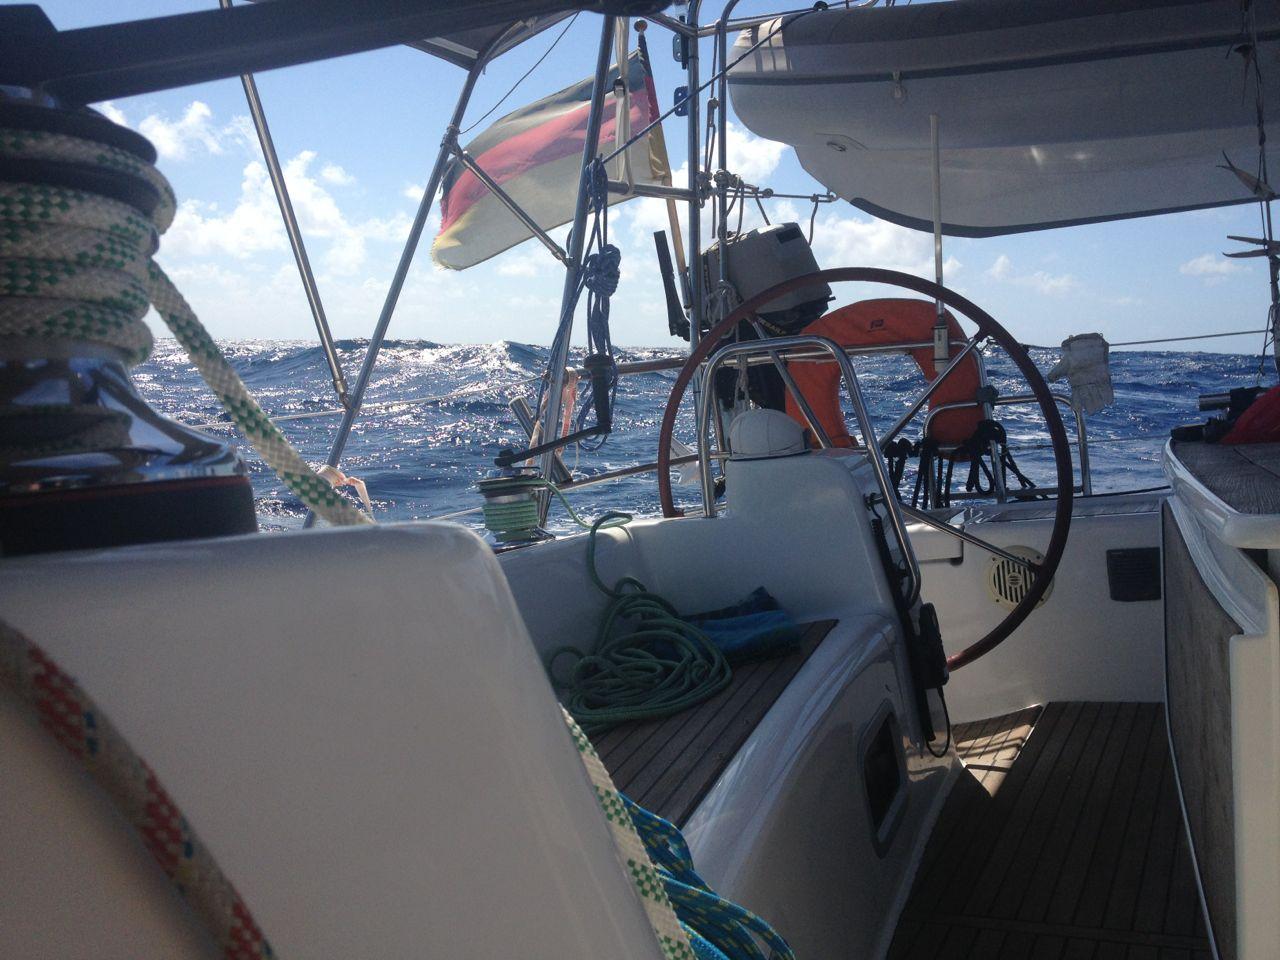 Ziemlich viel Wind auf den letzten Tagen unserer Pazifiküberquerung mit der hapa na sasa